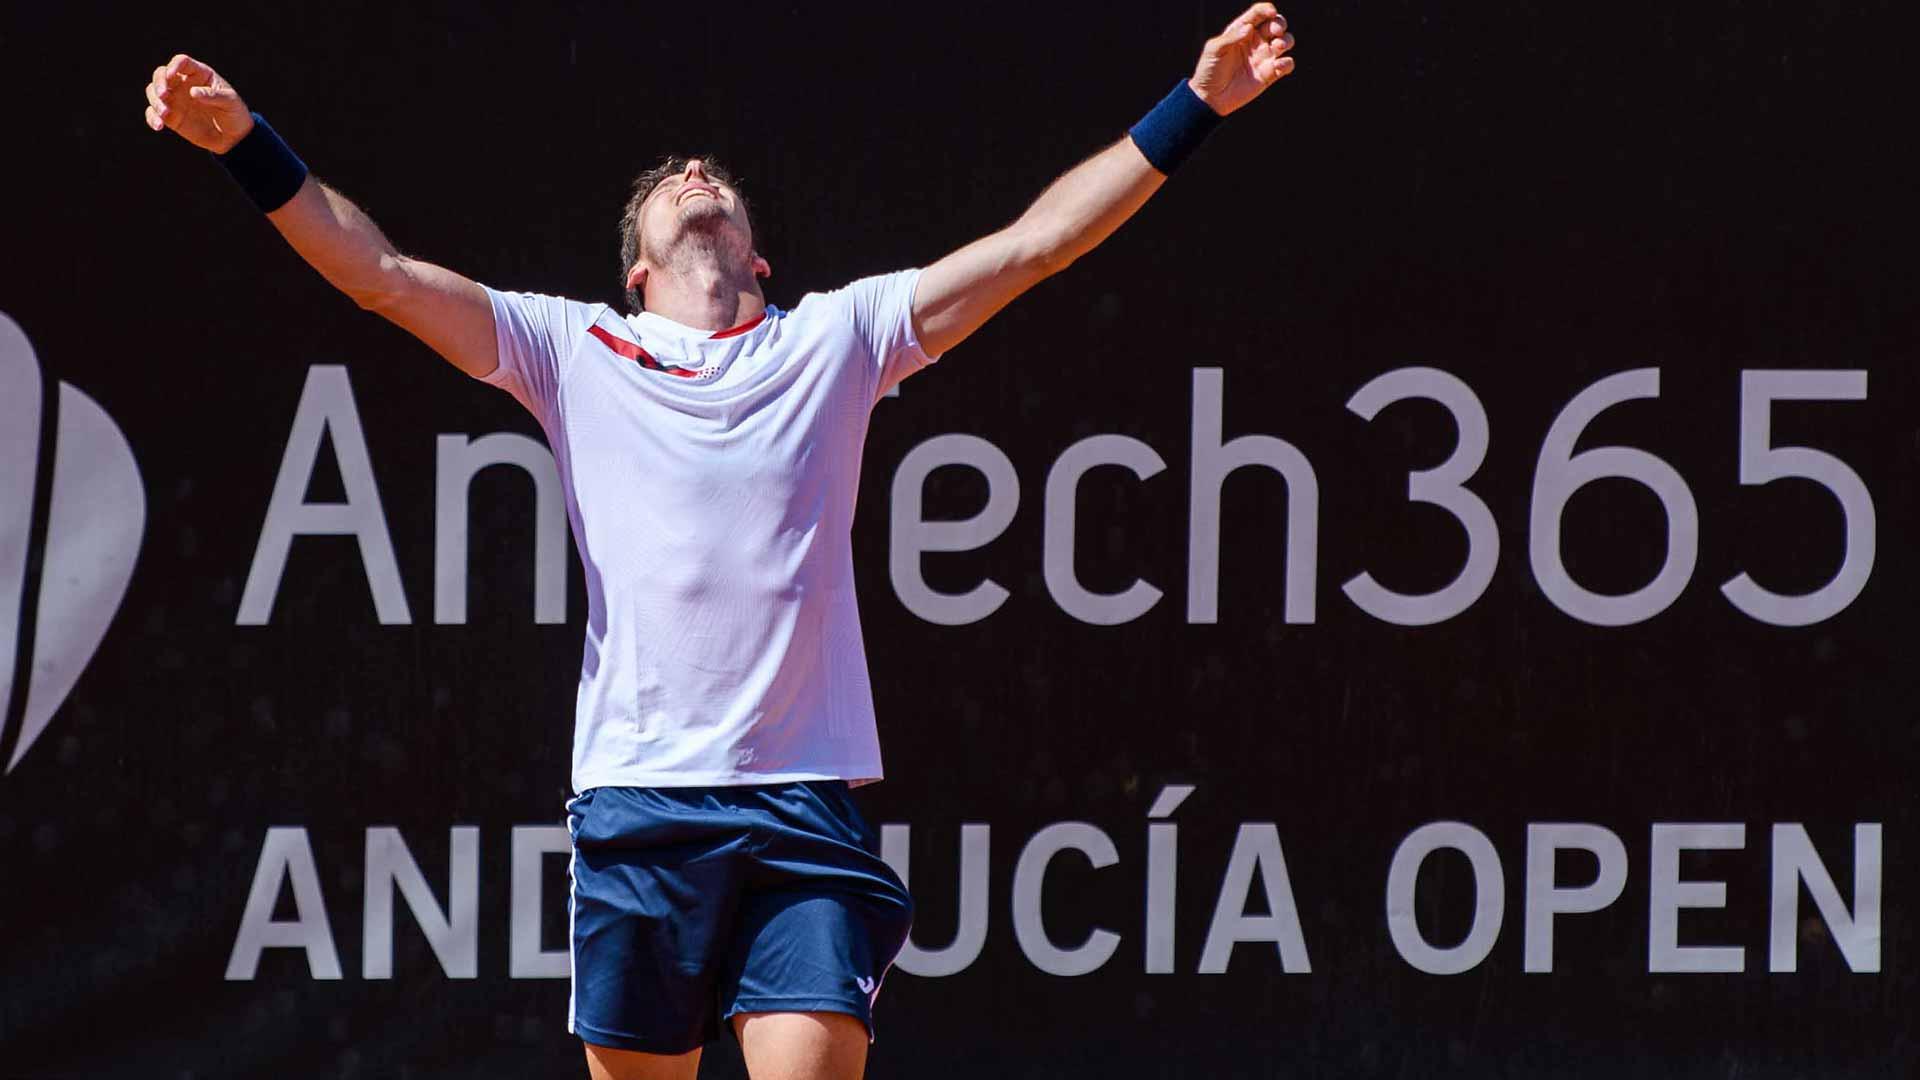 carreno busta marbella 2021 final holder - Pablo Carreno Busta dobil turnir v Marbelli pred polnimi tribunami